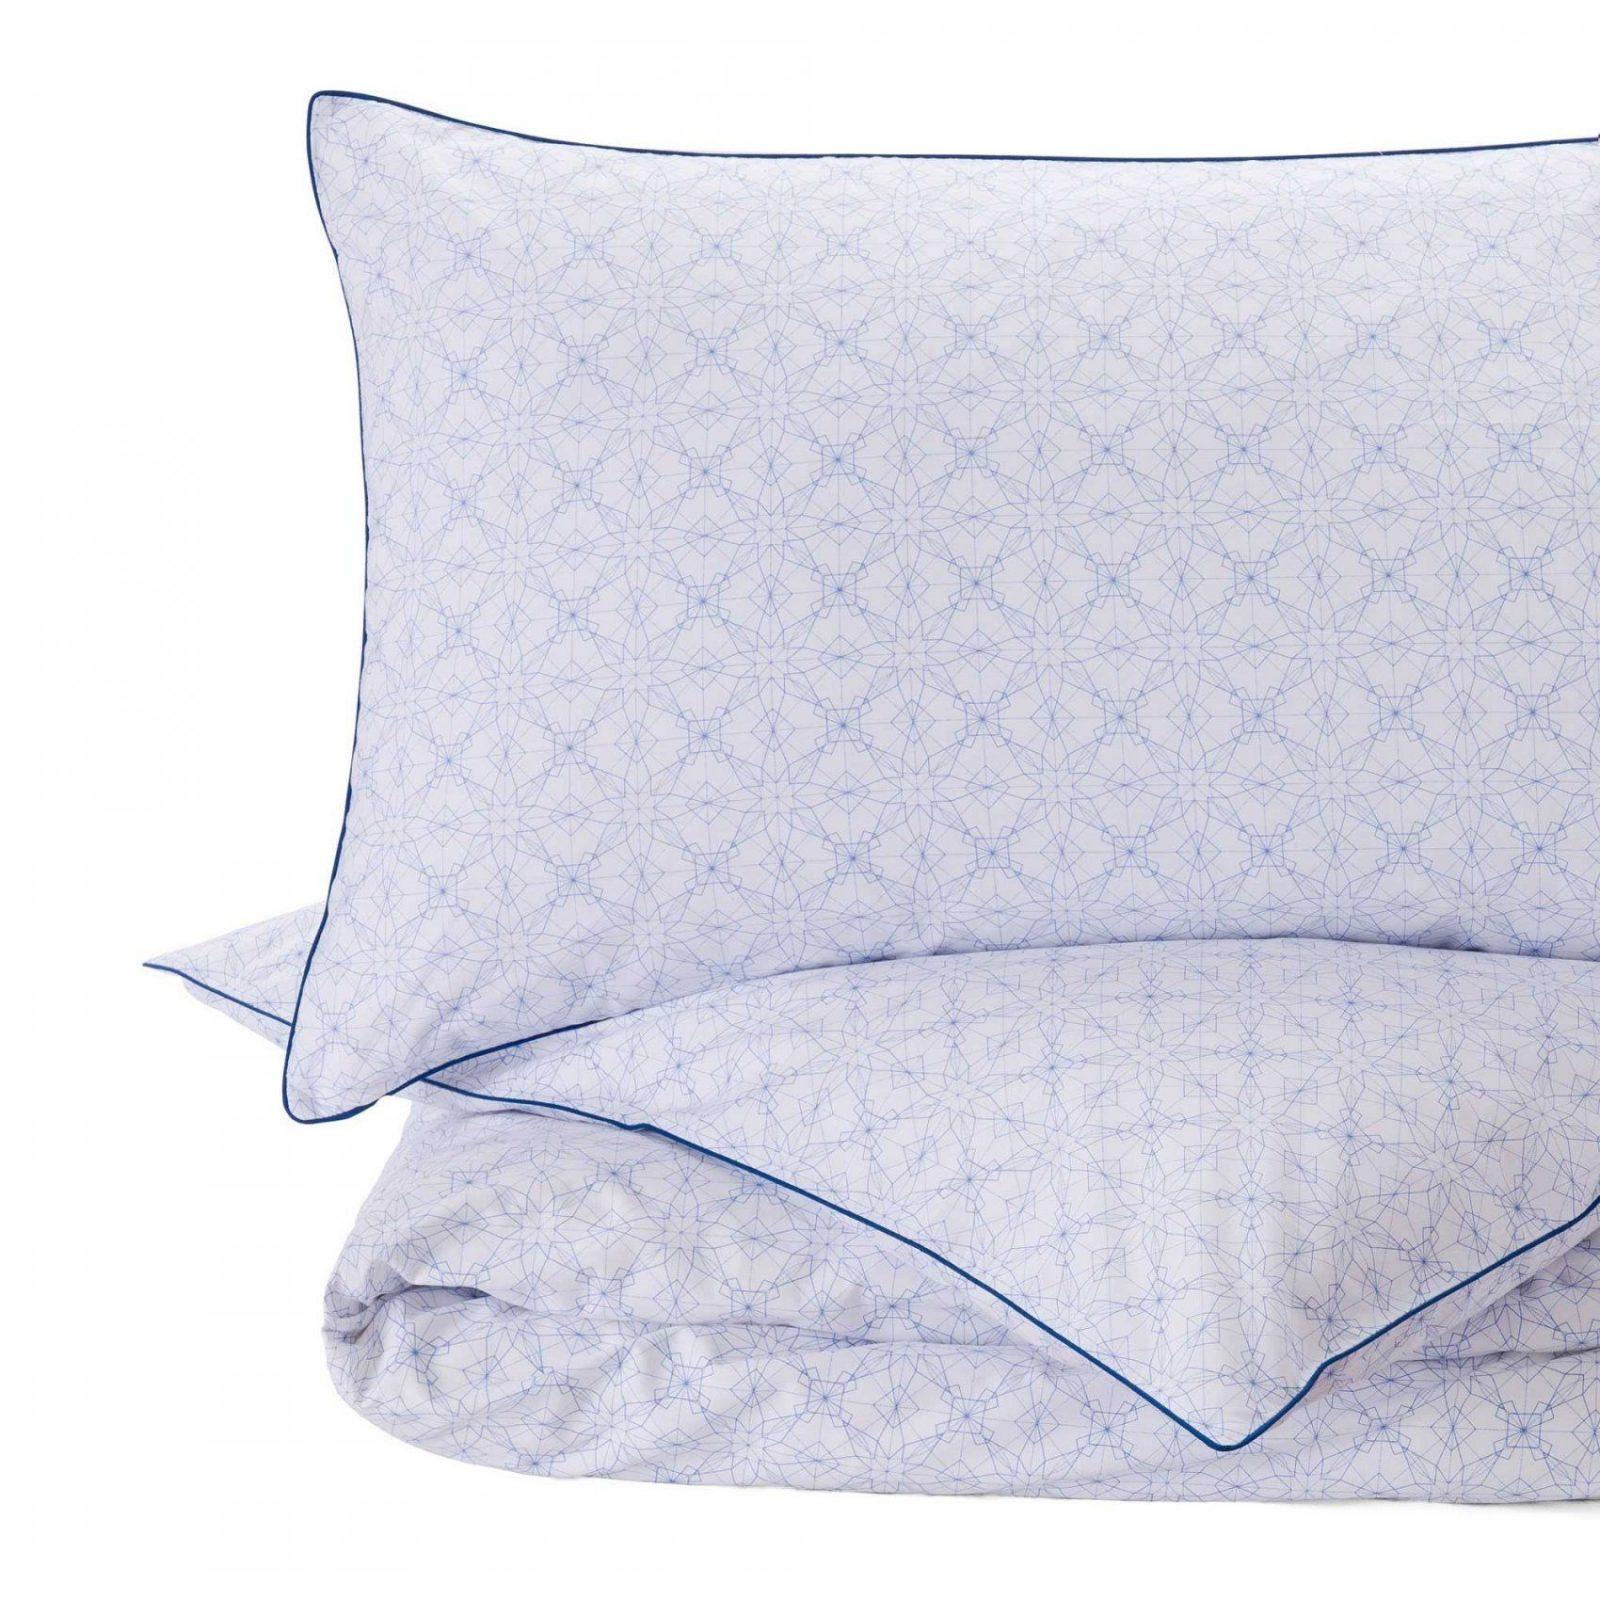 Luxus Linon Bettwäsche Wikipedia  Bettwäsche Ideen von Linon Bettwäsche Wiki Bild